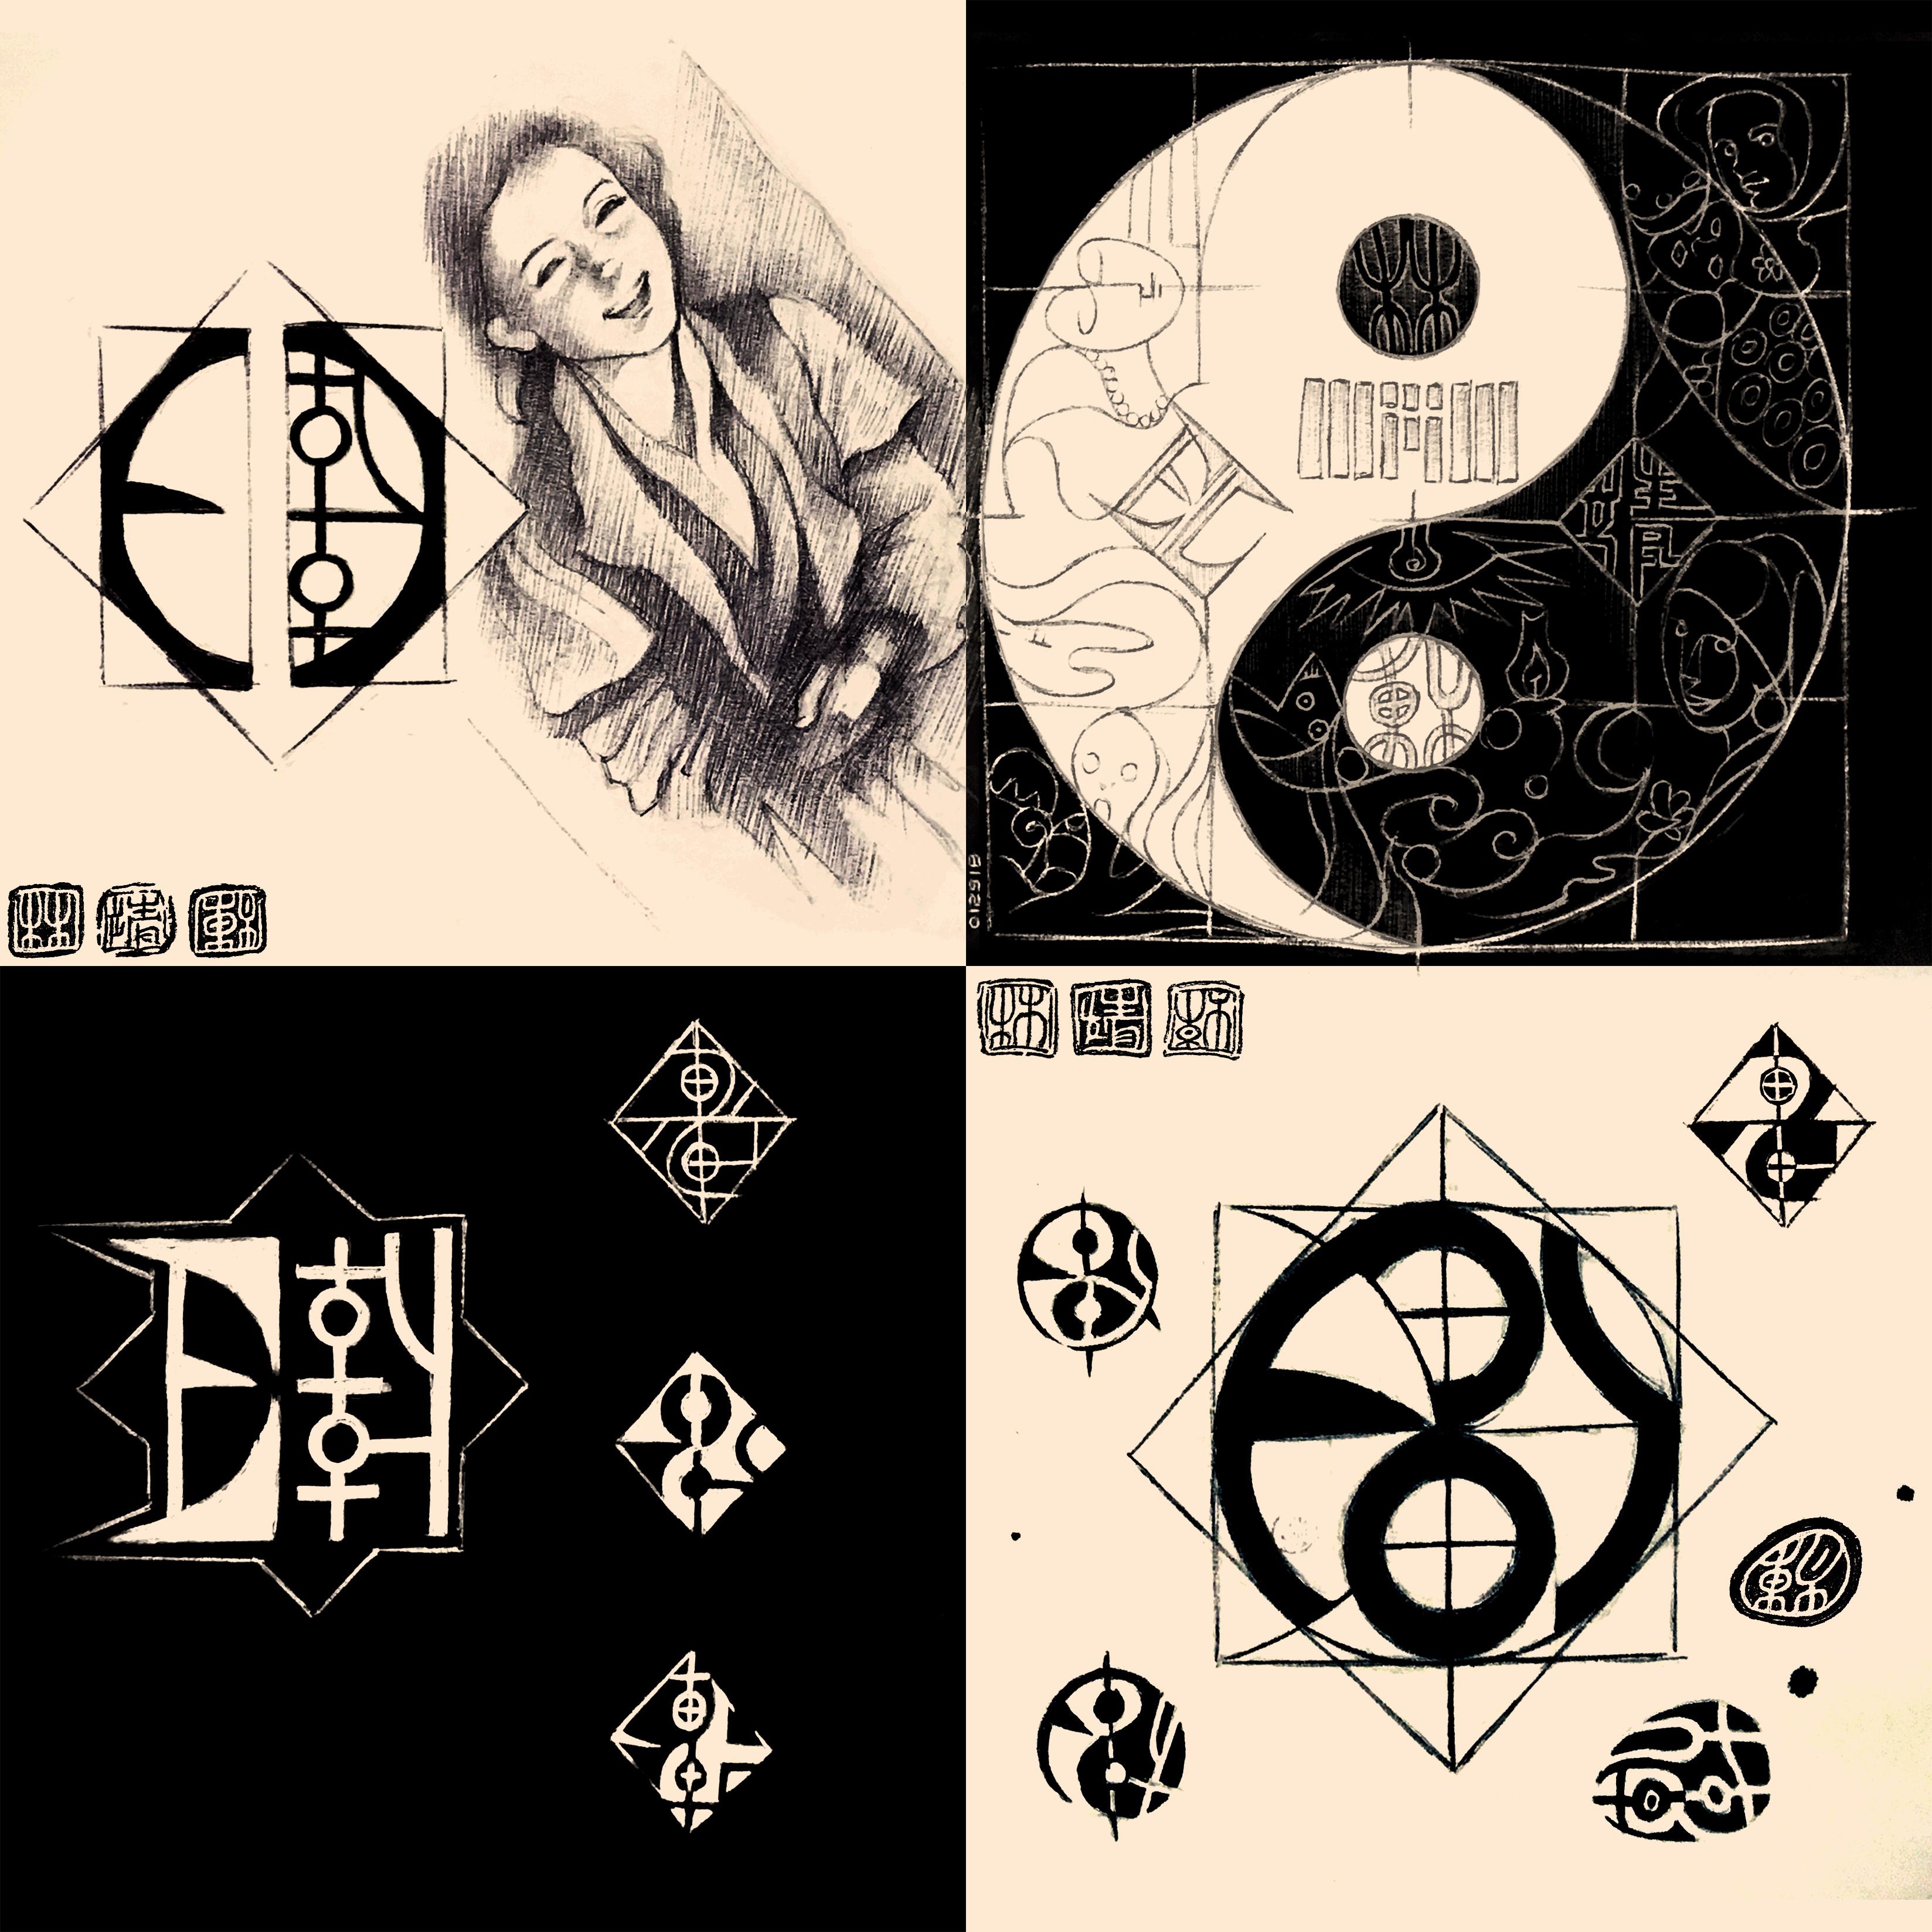 (2018) Logo + Yin Yang + Cait